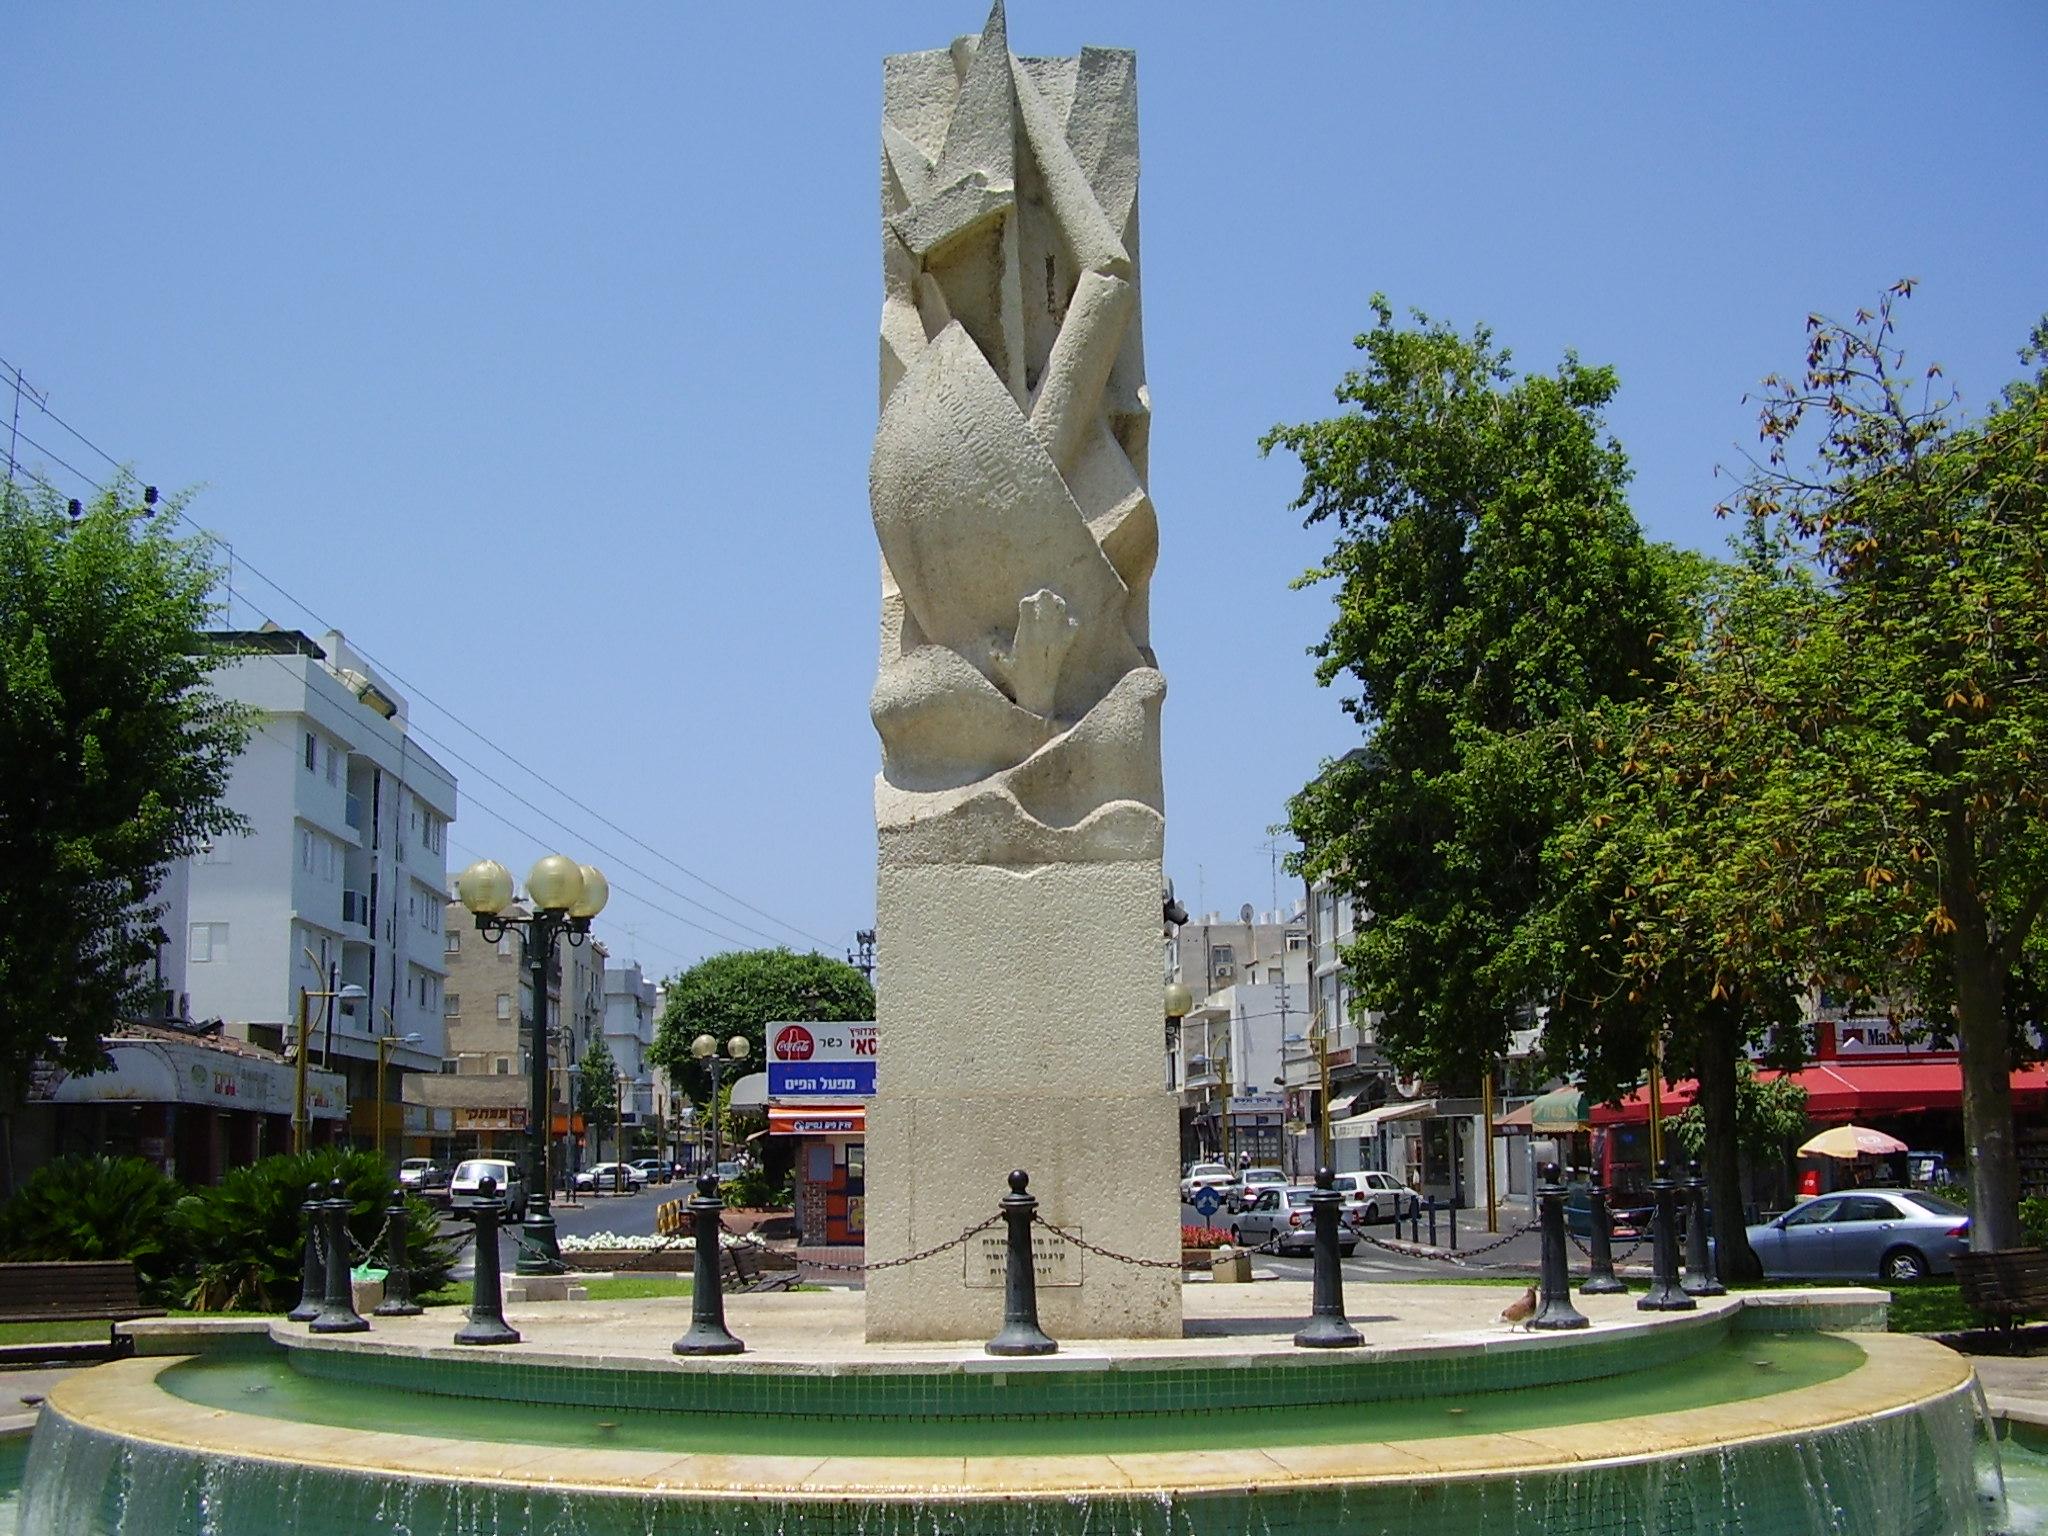 Imagini pentru Foto: Memorialul Struma în Holon, Israel photos